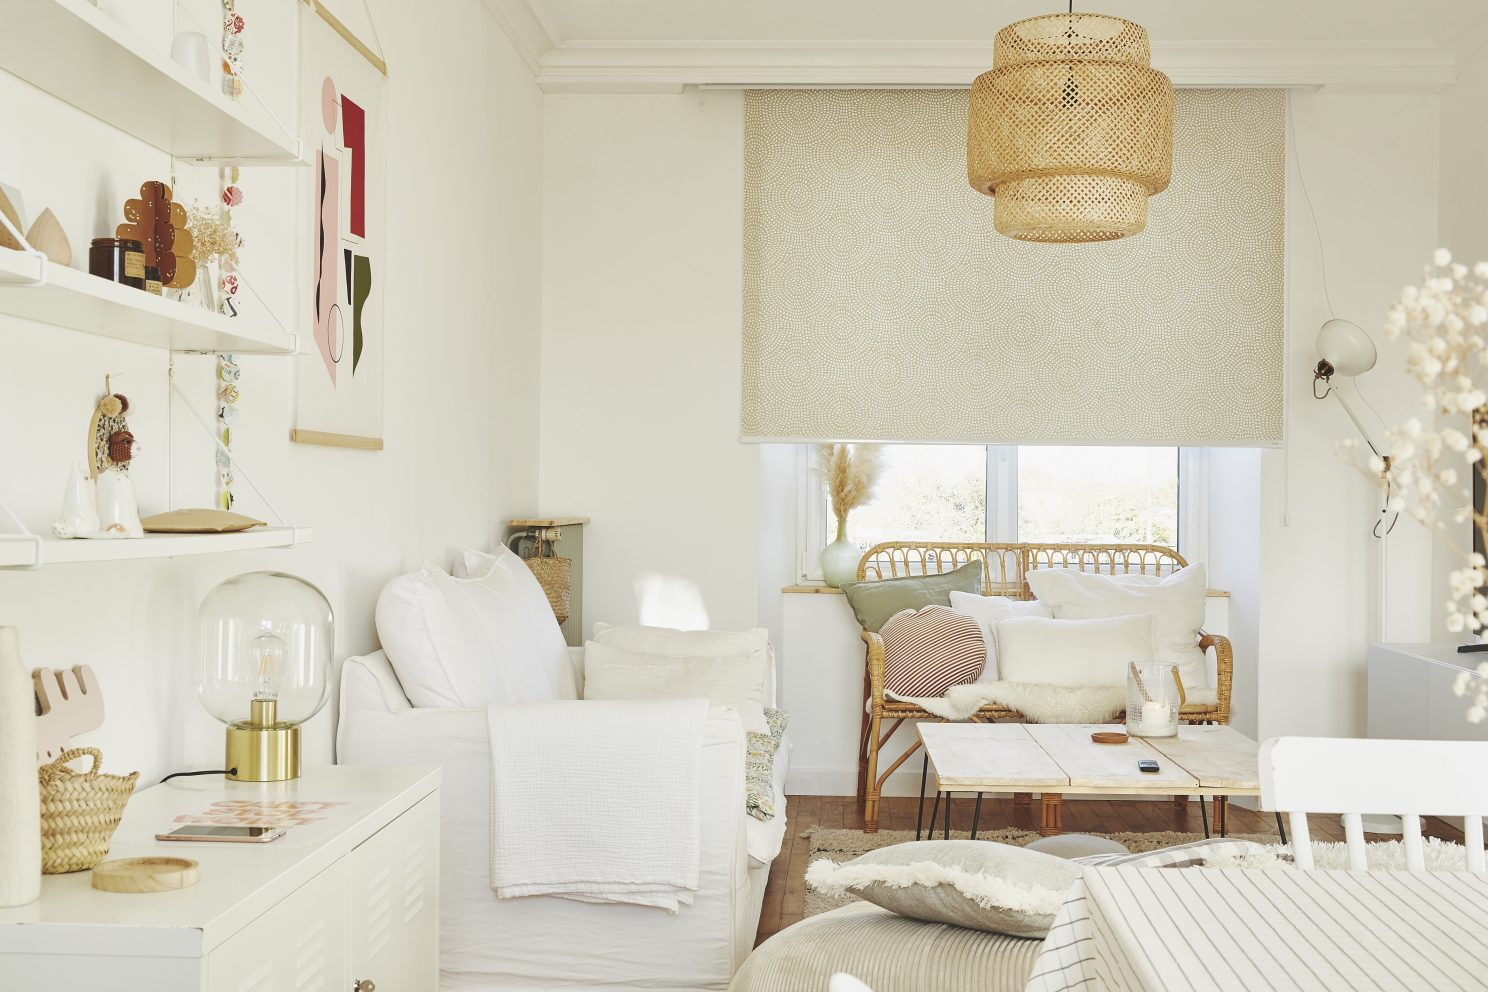 4 solutions modernes pour habiller les fenêtres de votre salon !